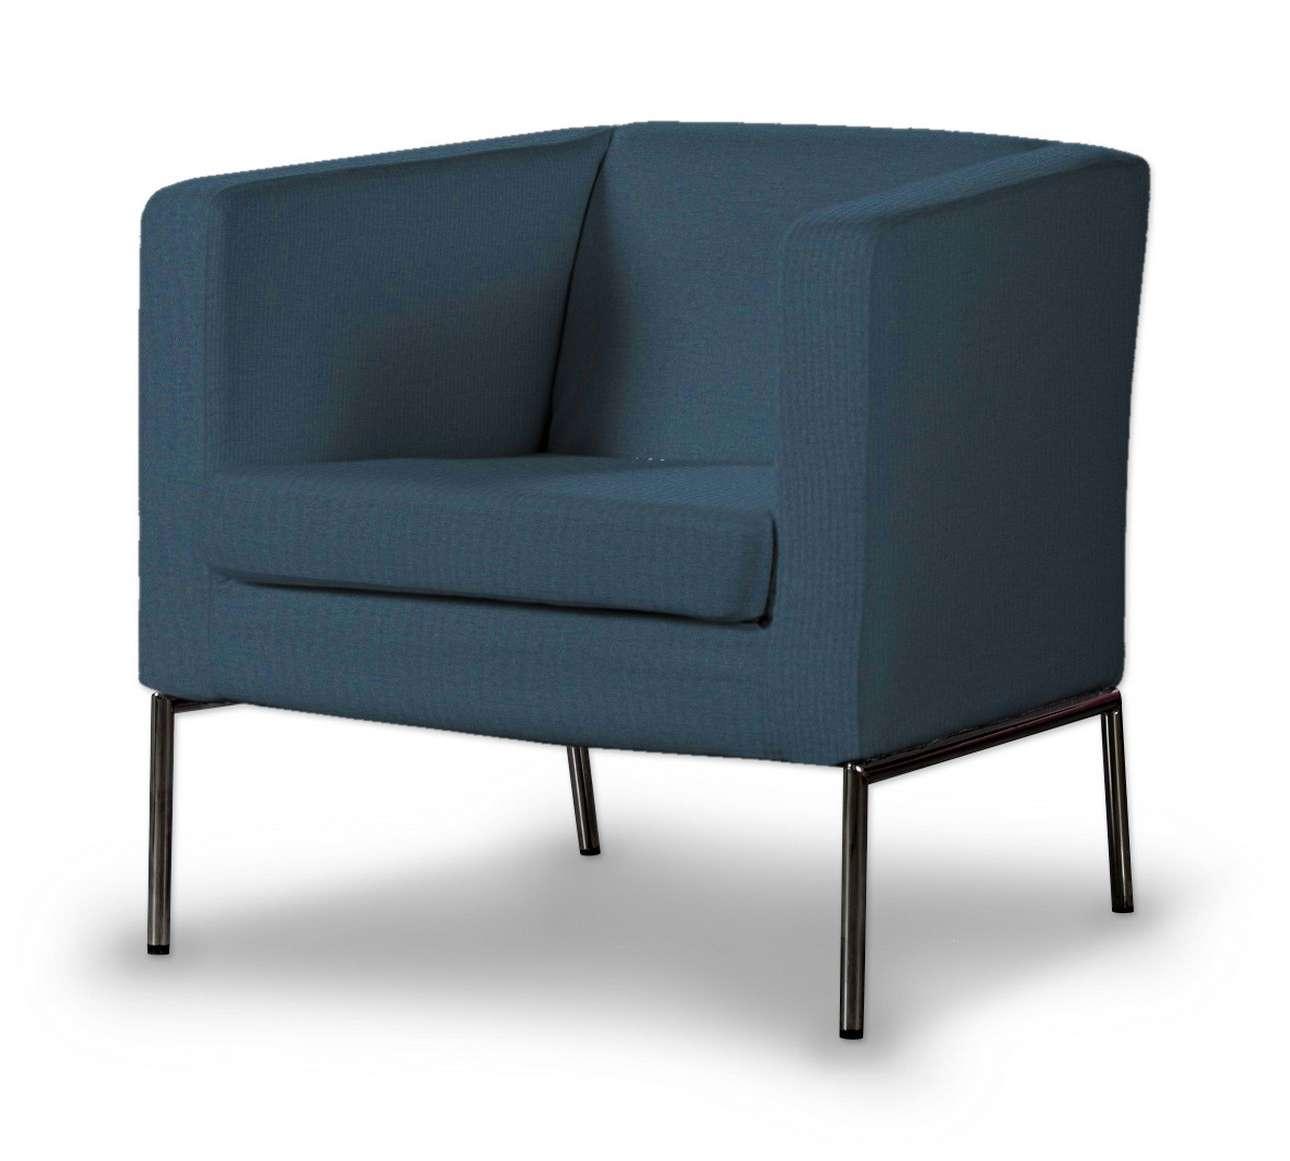 Pokrowiec na fotel Klappsta w kolekcji Etna, tkanina: 705-30